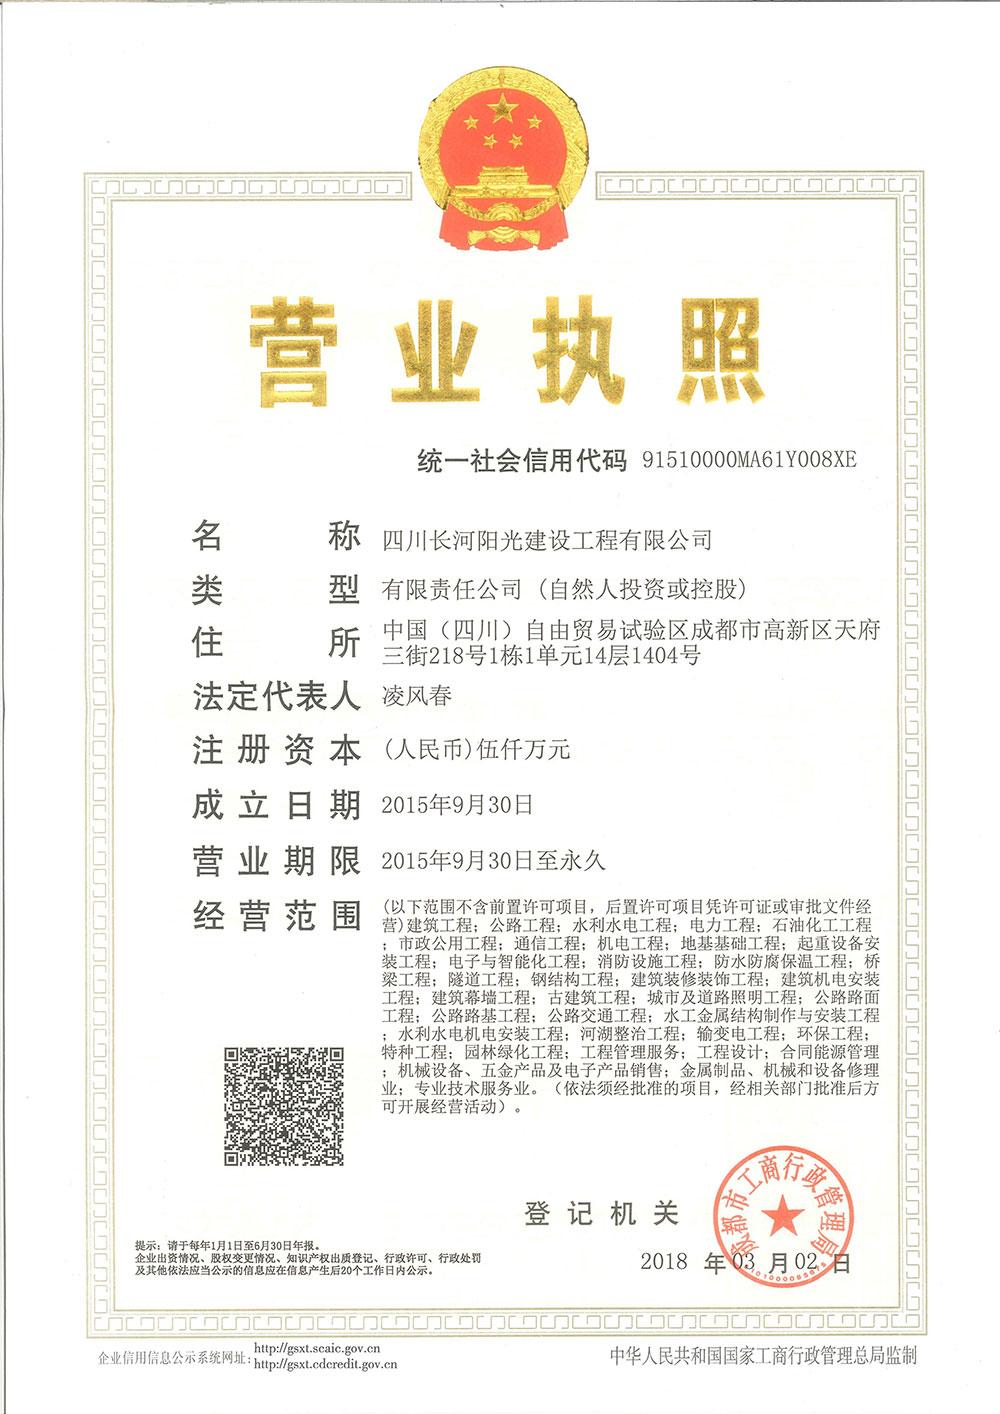 亚博体育竞彩下载阳光营业执照(正本)